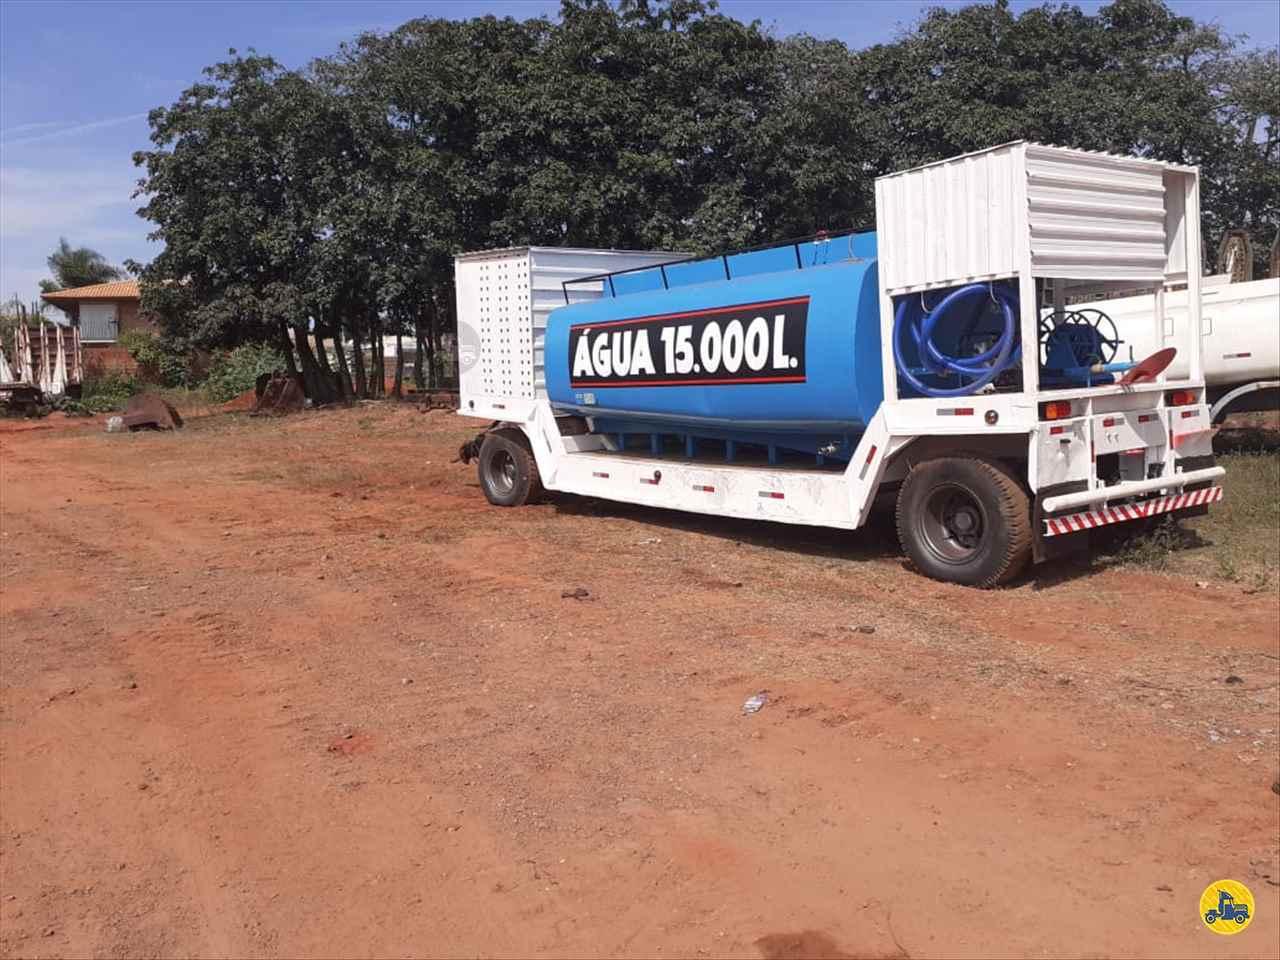 CARRETA JULIETA CARGA SECA Barbosa Caminhões LINS SÃO PAULO SP